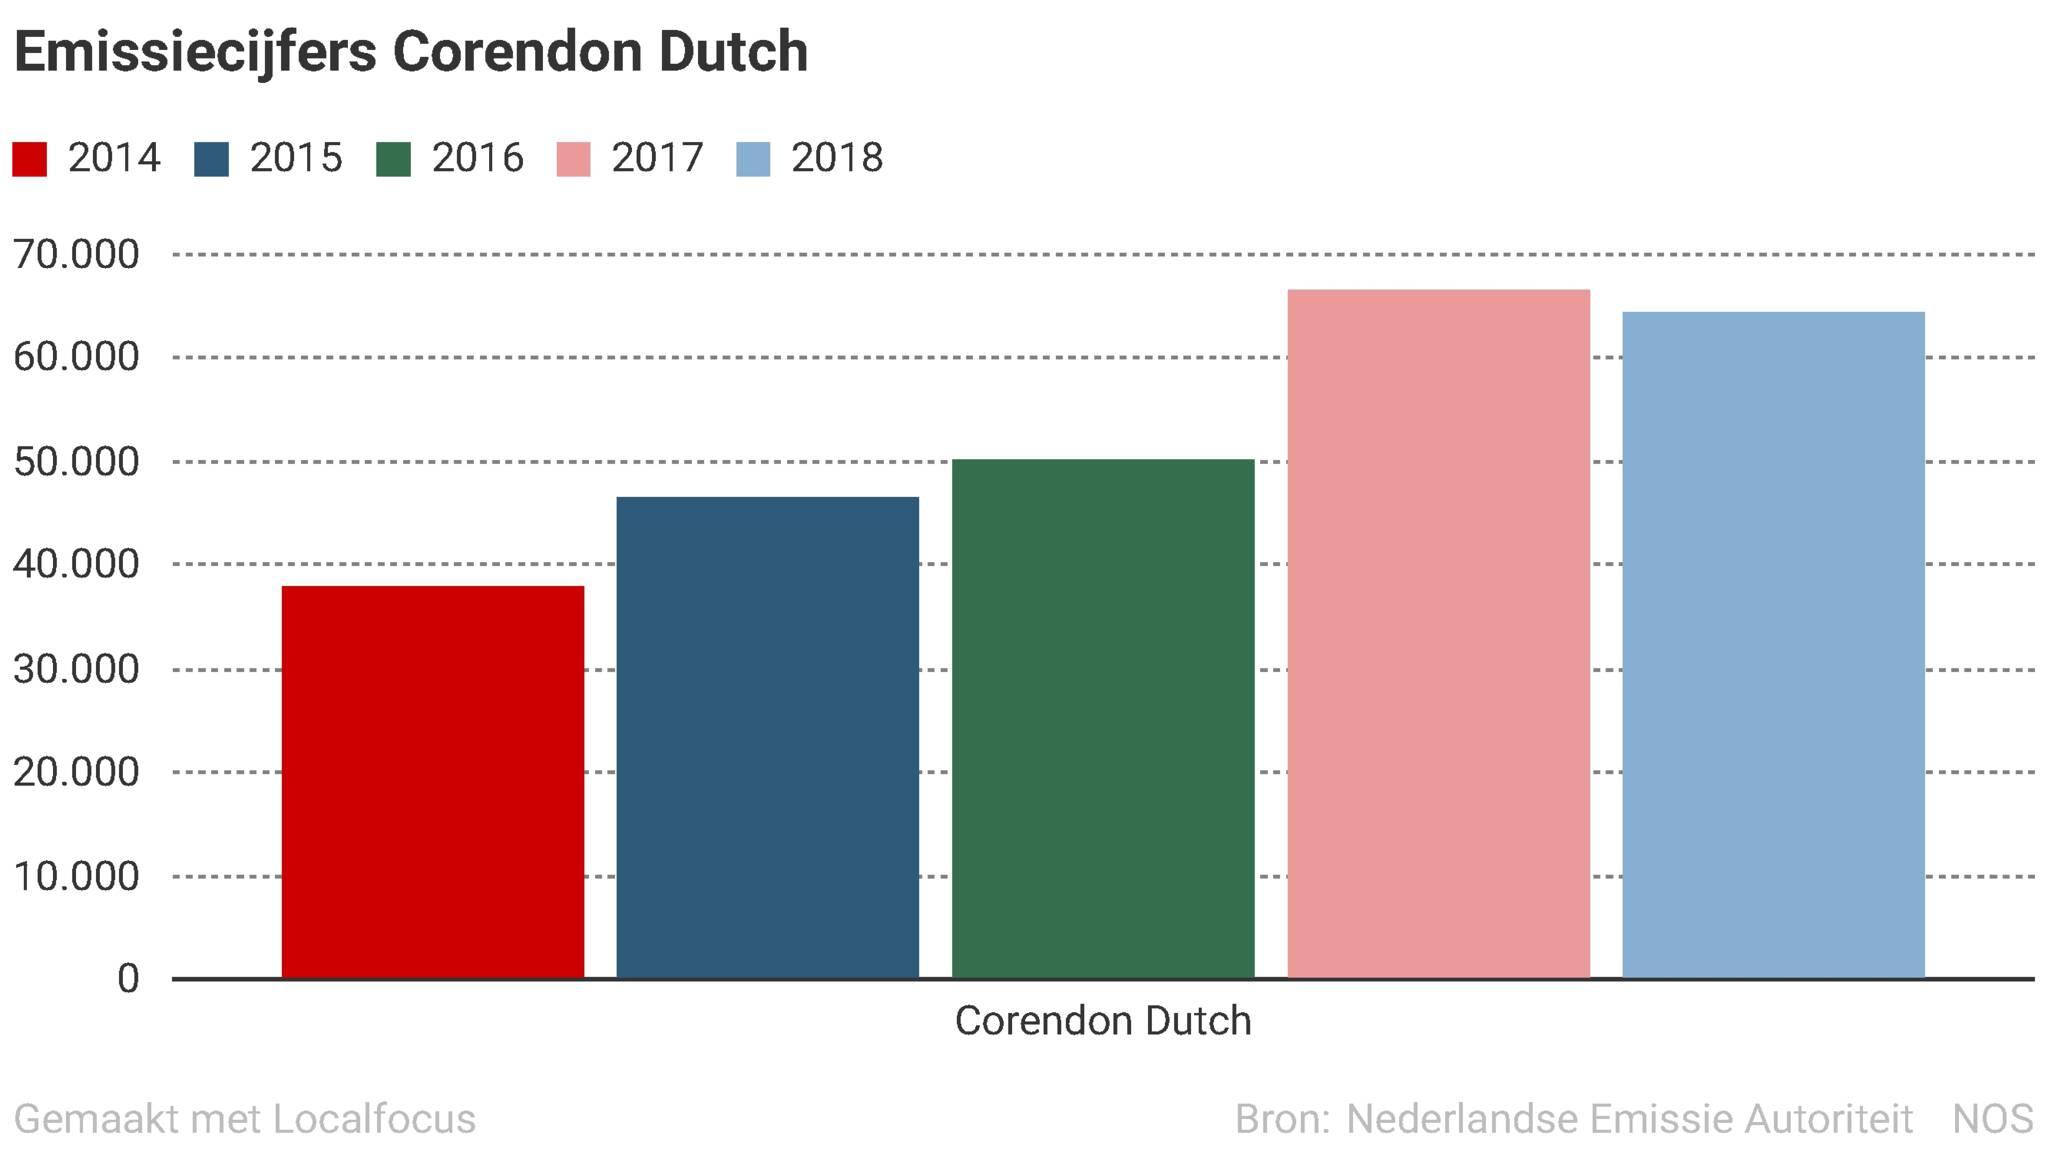 https://nos.nl/data/image/2019/07/14/563462/2048x1152.jpg